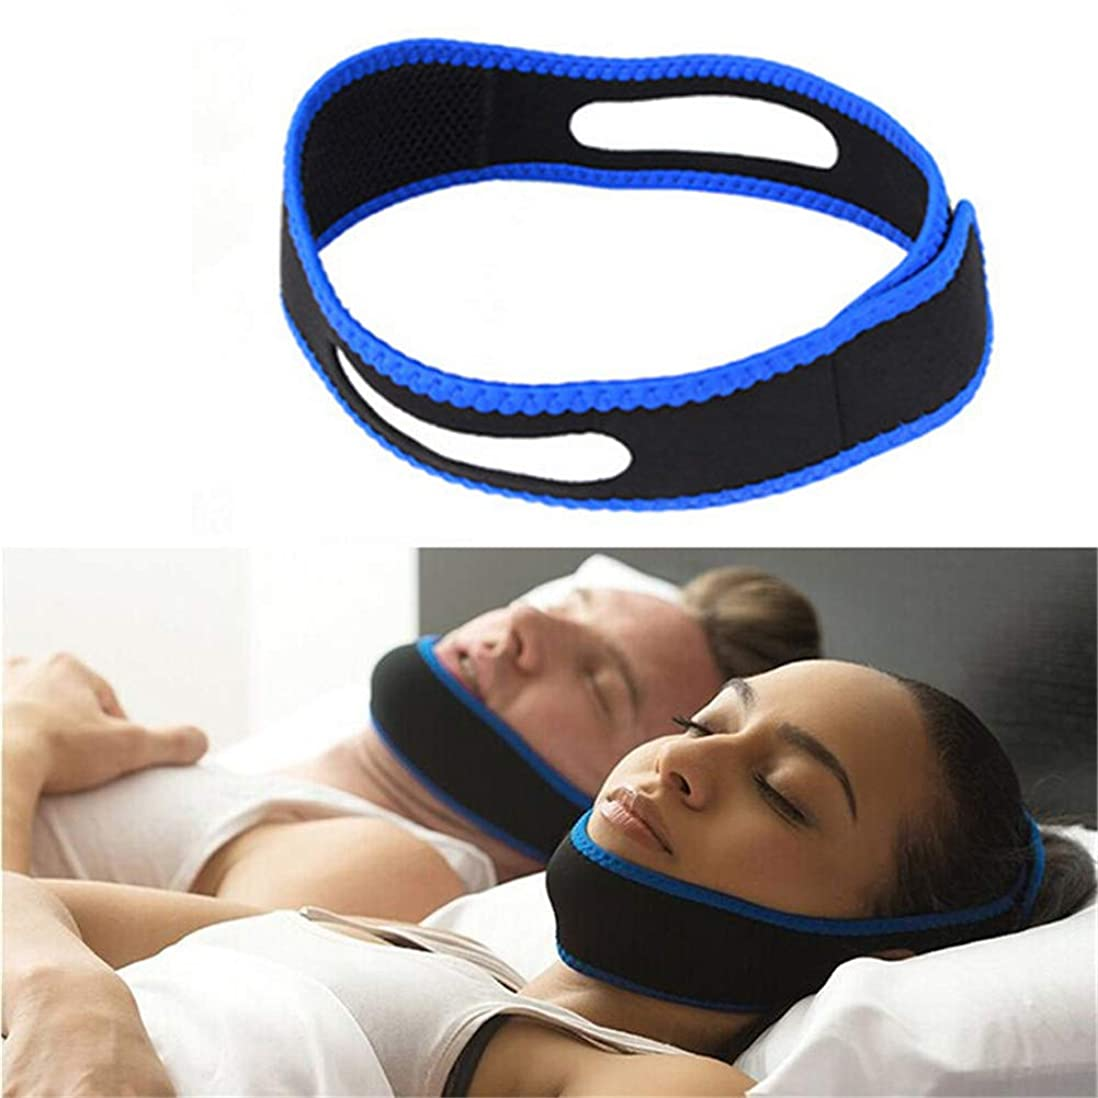 非互換場合美徳Angzhili いびき軽減グッズ いびき防止装置 いびき対策グッズ 睡眠補助 快眠サポーター 肌に優しい サイズ調整可能 男女兼用